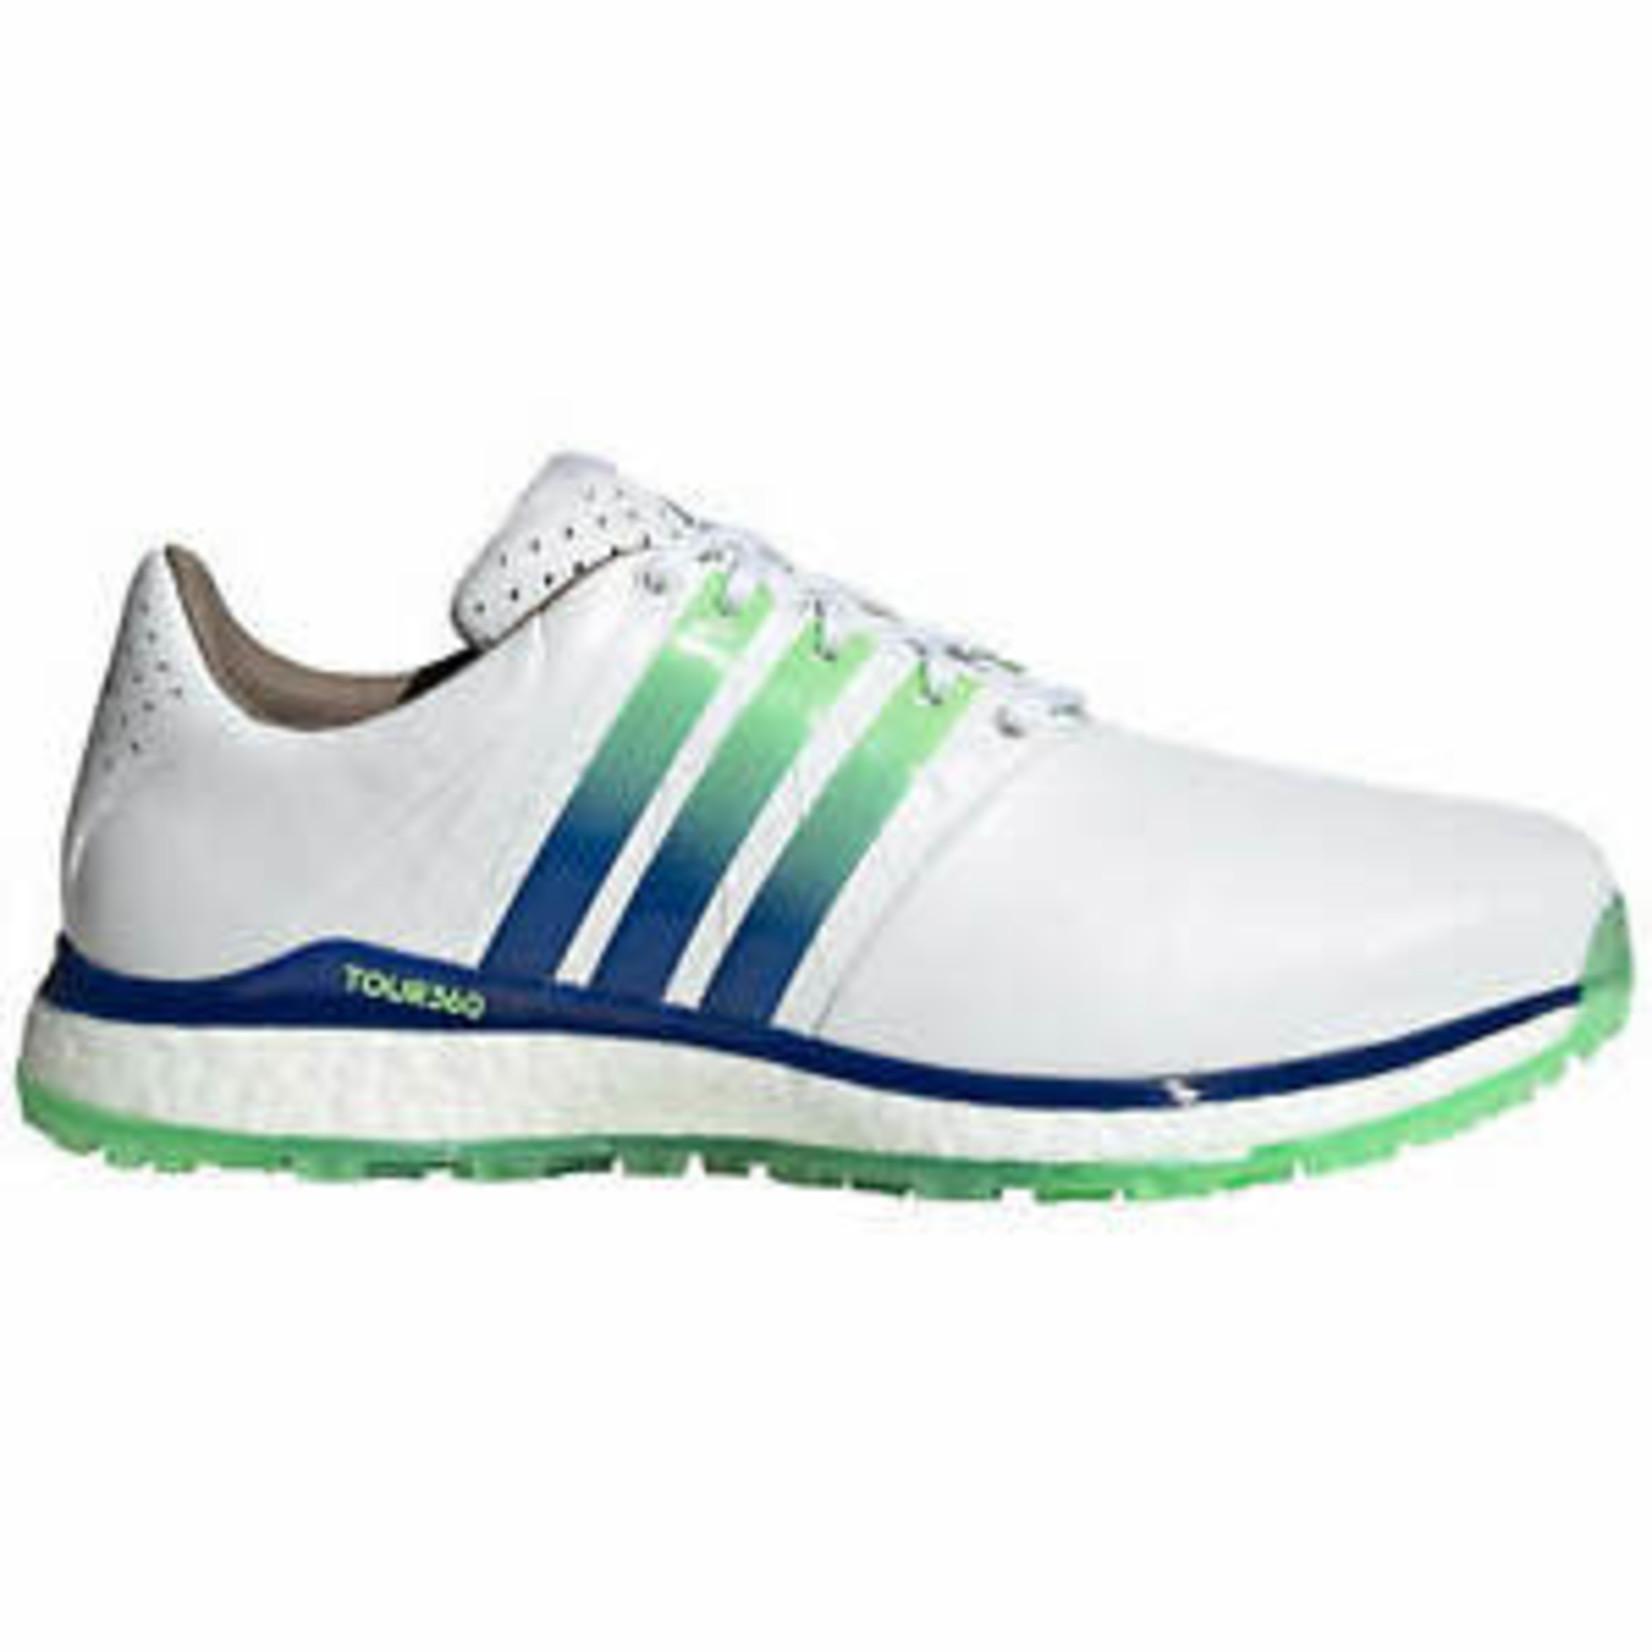 Adidas Adidas TOUR360 XT-SL 2 White/Royal/Mint